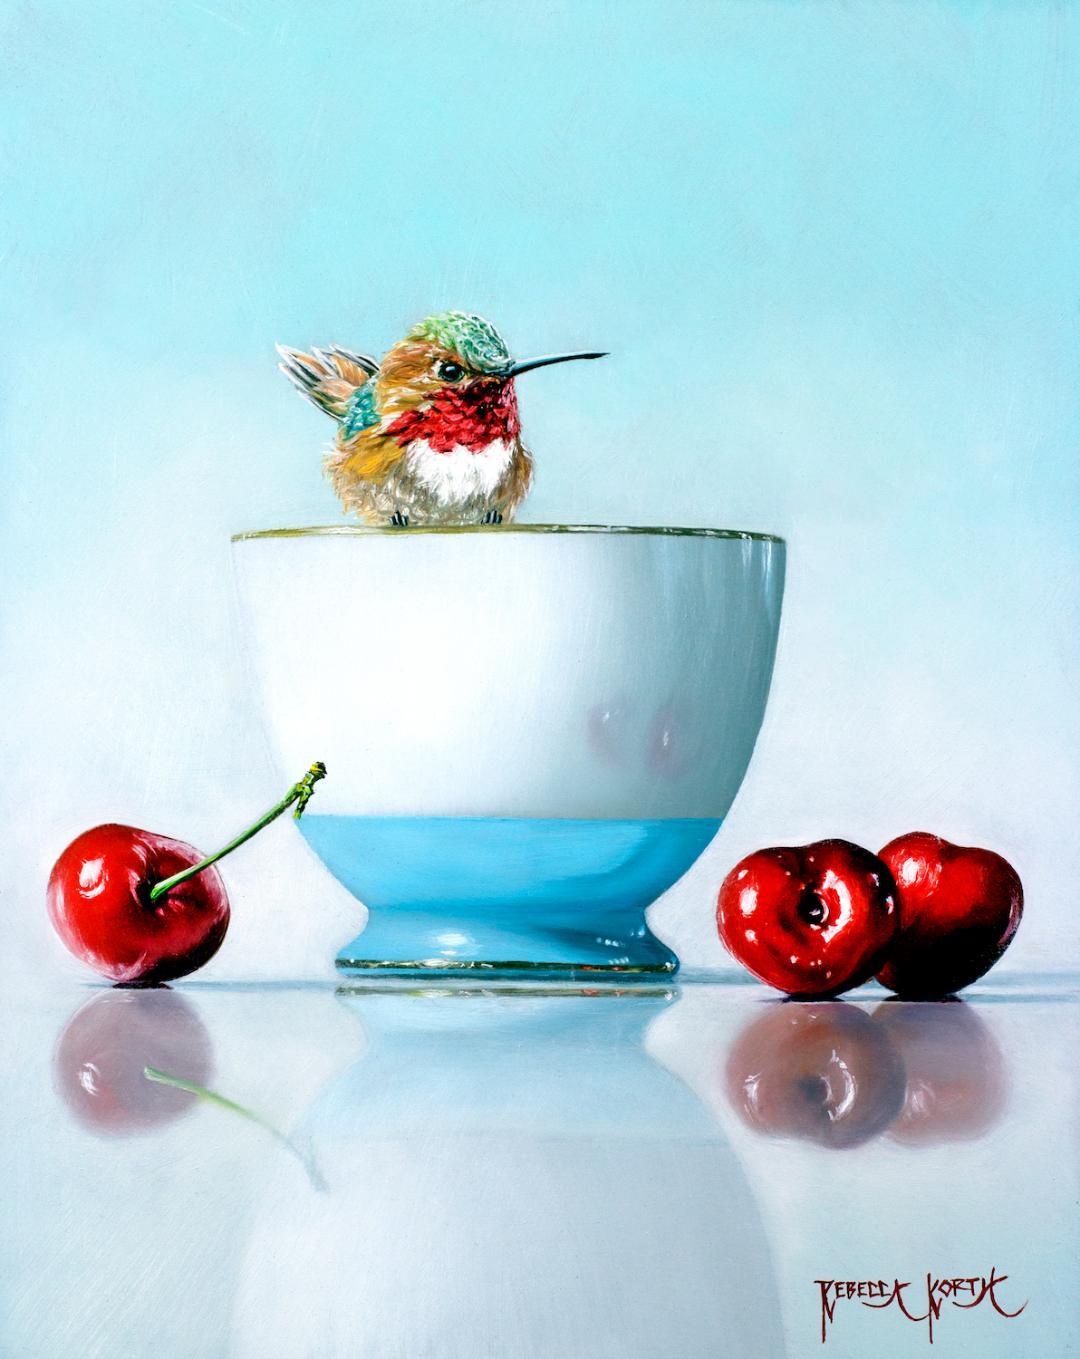 Hummingbird & Cherries